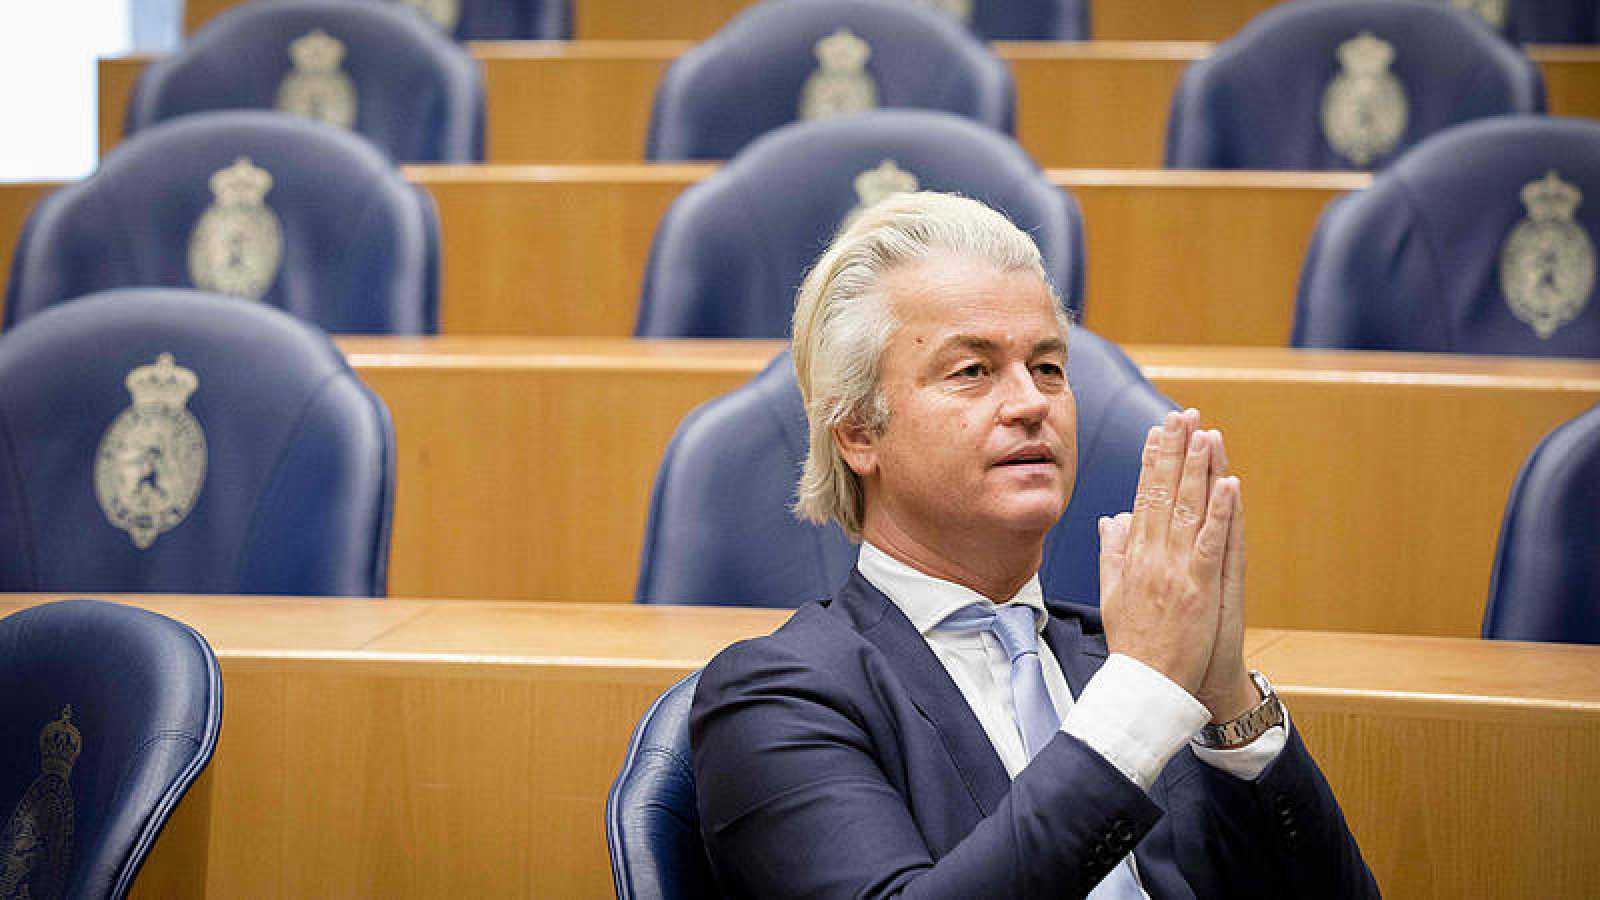 Imagen de archivo de Geert Wilders, líder del Partido para la Libertad, en el Senado en La Haya, Holanda.